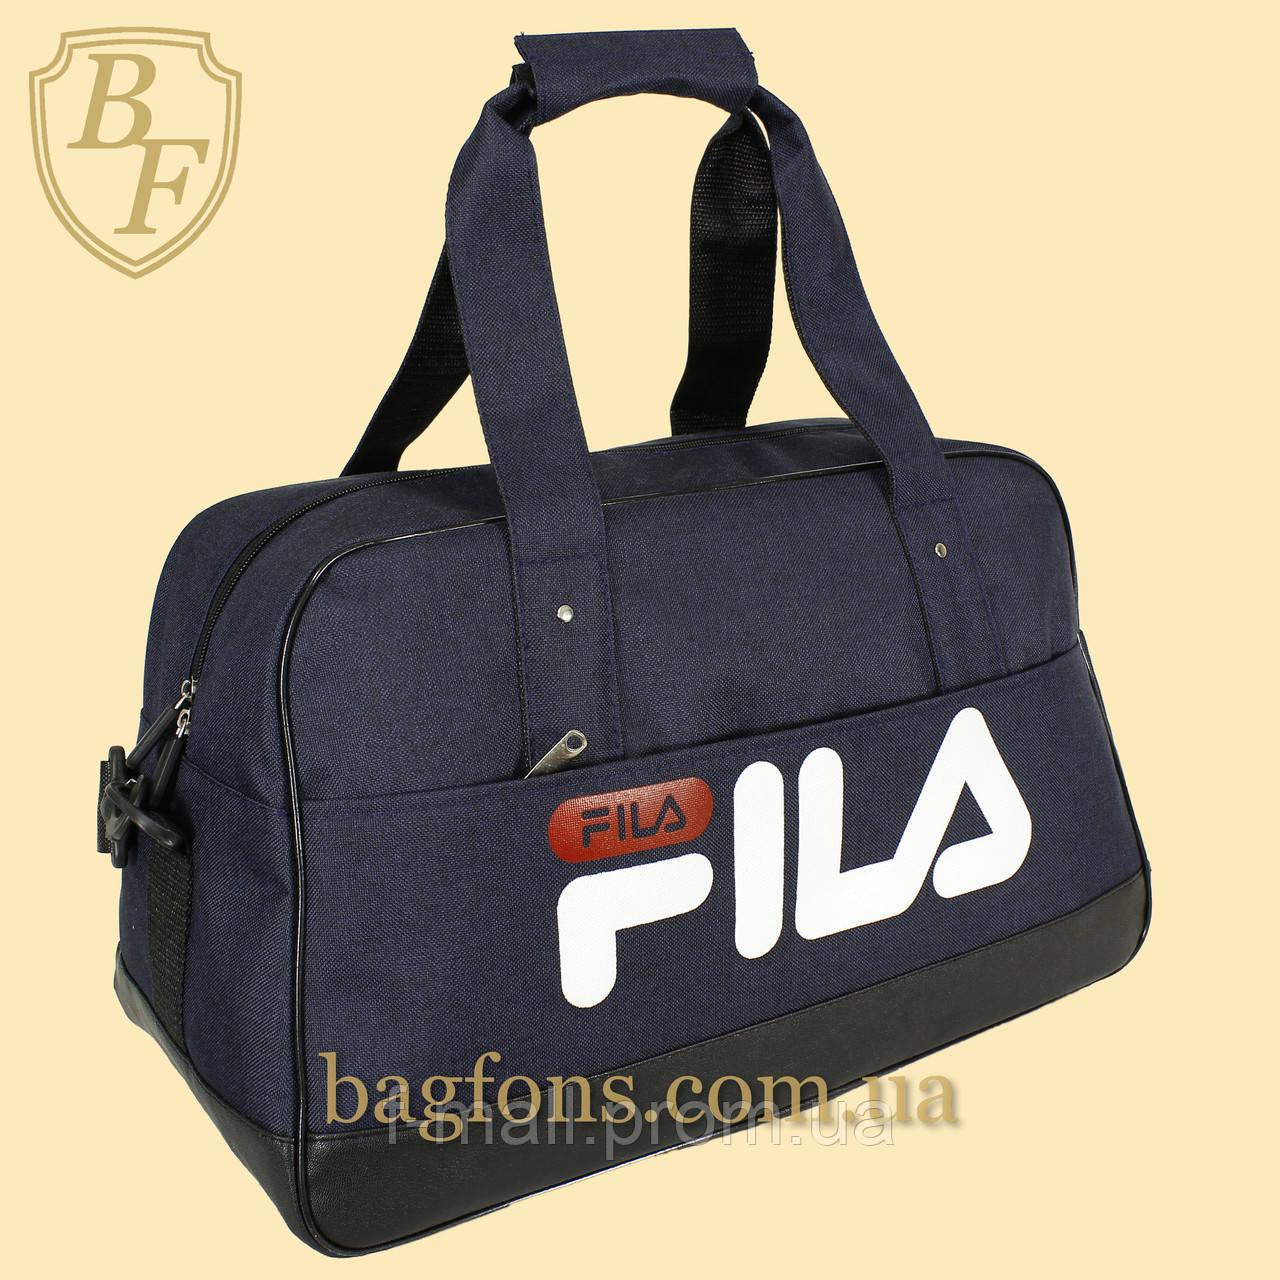 Спортивная дорожная сумка Fila мужская, женская большая 60л  (SF026)